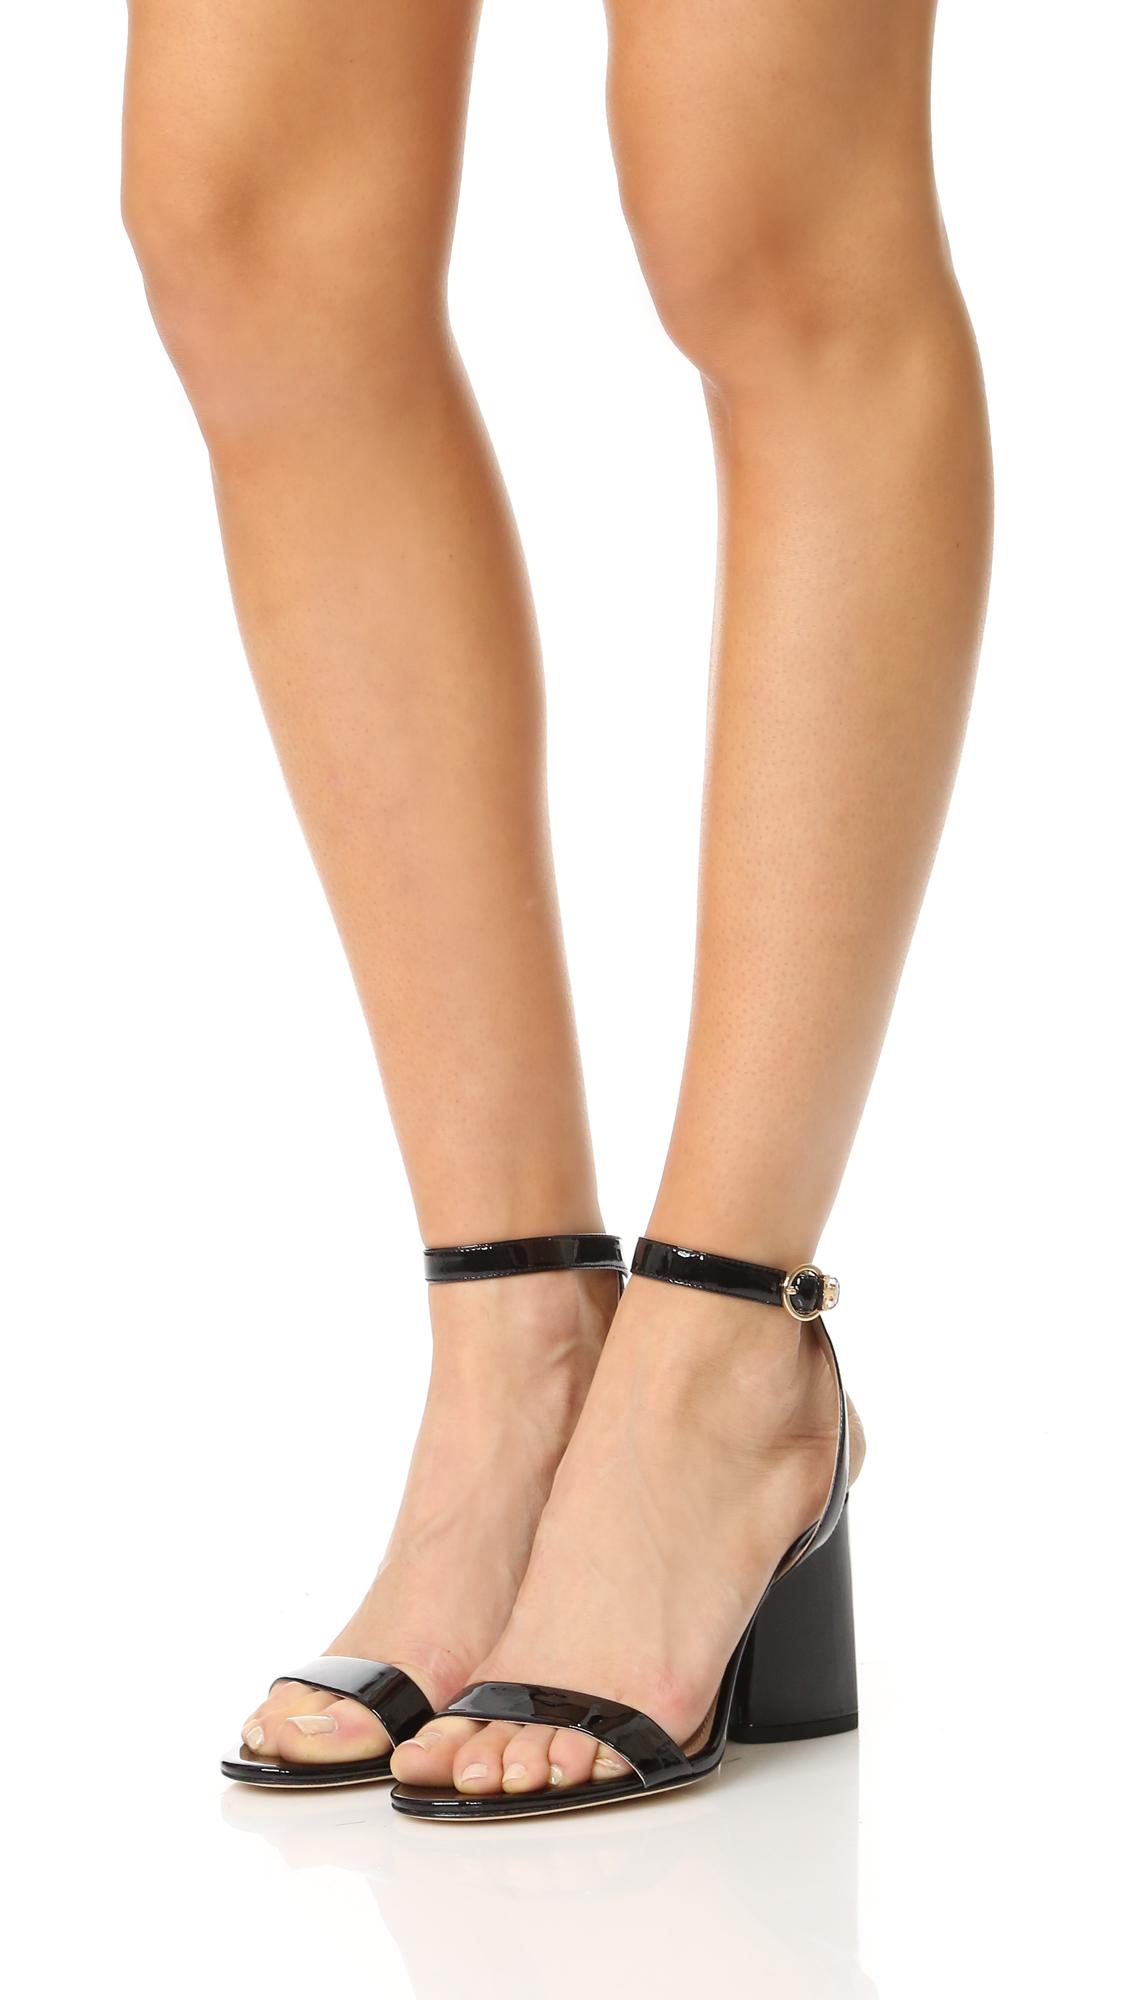 6d640c3cea9 Tory Burch Elizabeth 2 Sandals